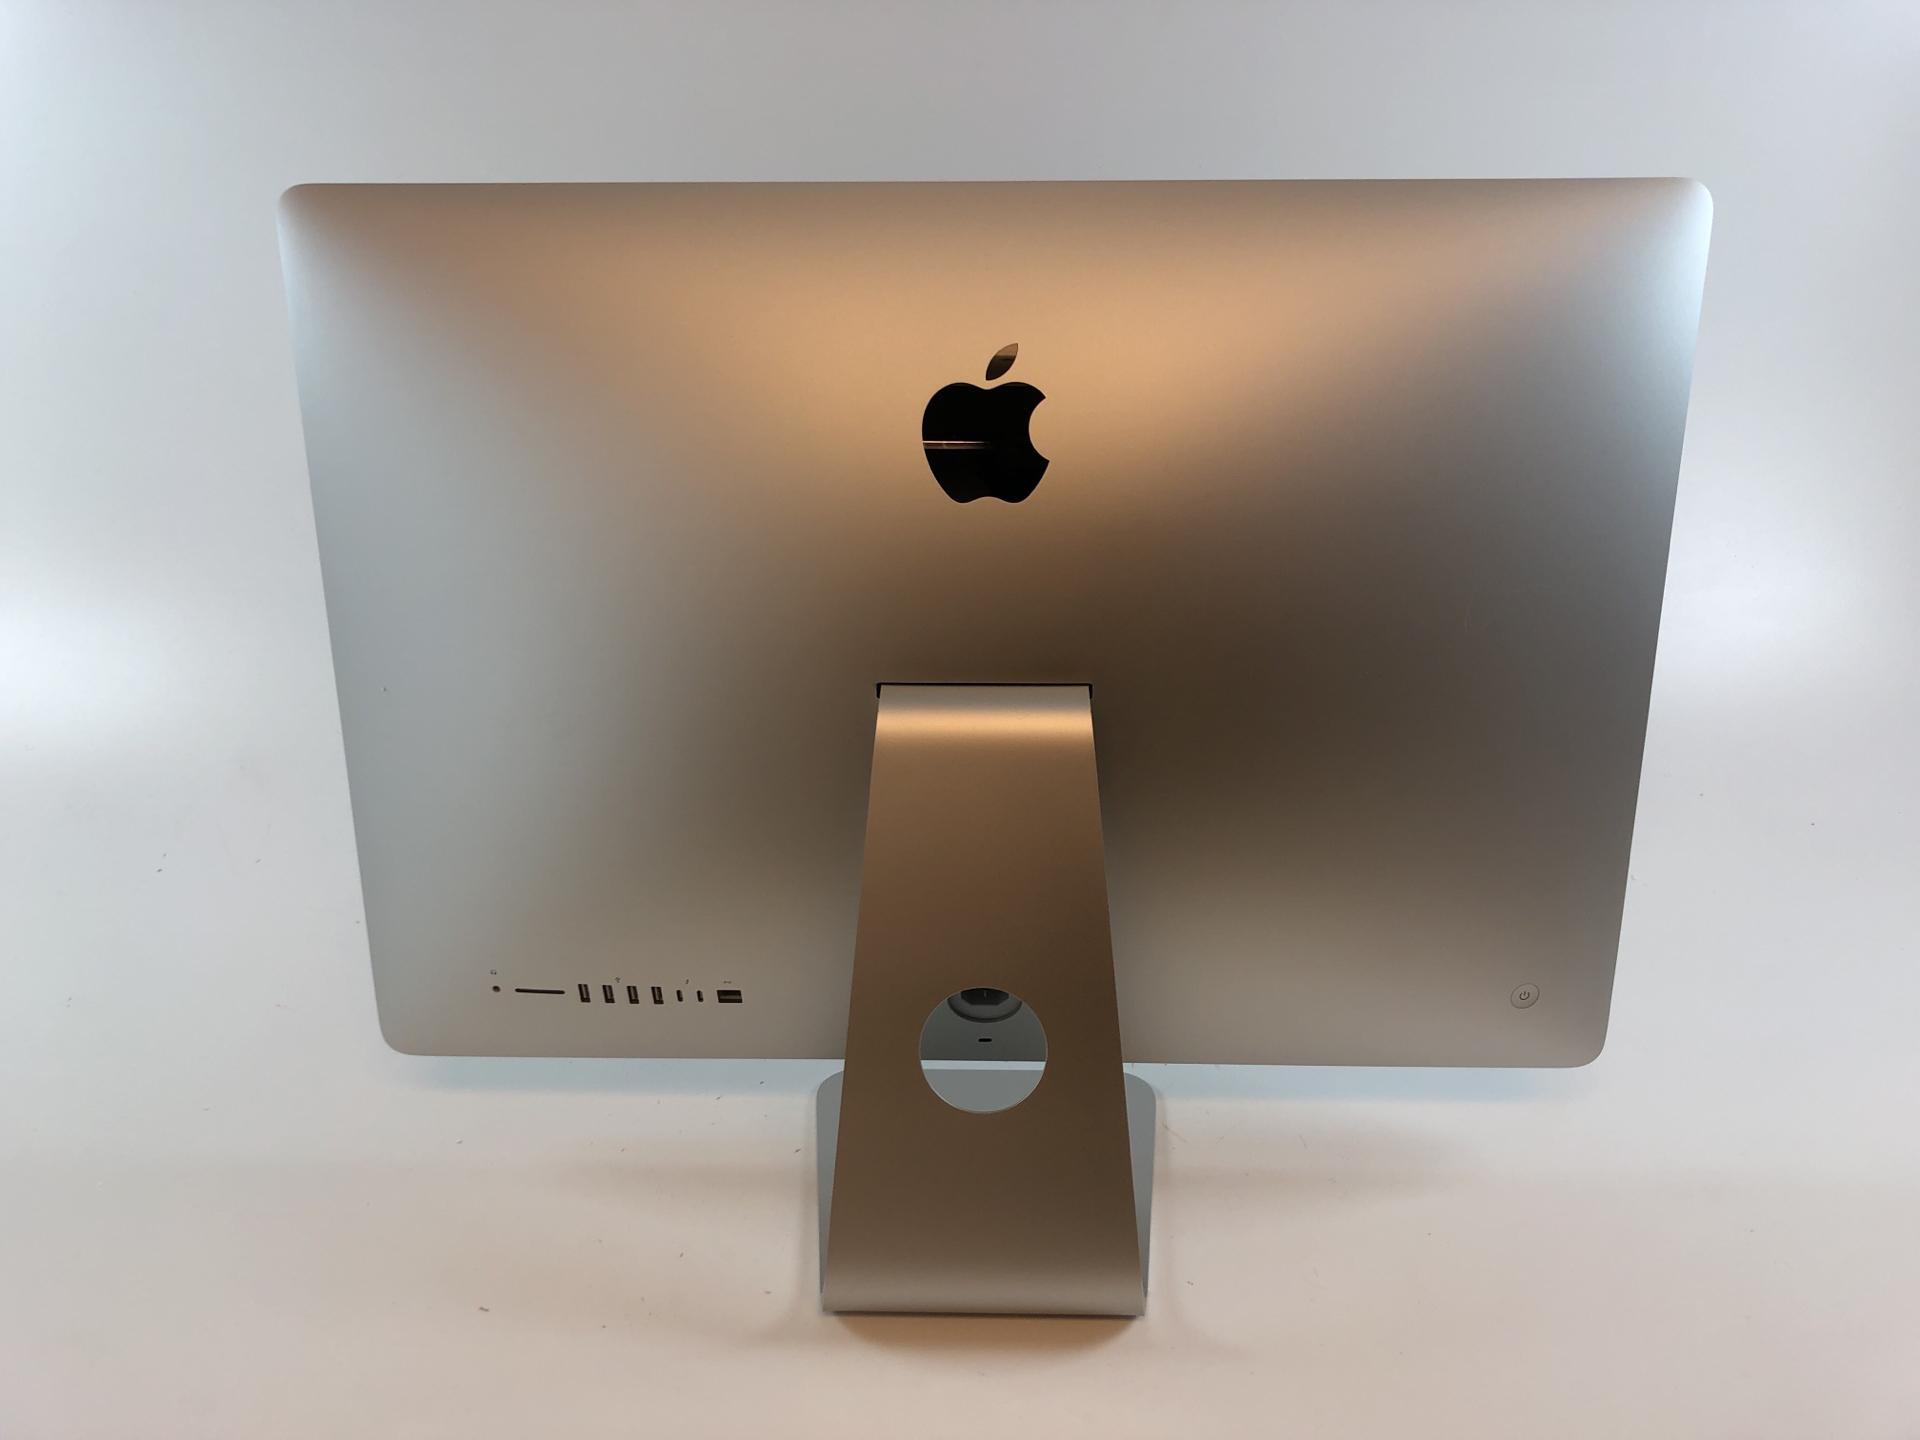 """iMac 27"""" Retina 5K Mid 2017 (Intel Quad-Core i5 3.8 GHz 8 GB RAM 2 TB Fusion Drive), Intel Quad-Core i5 3.8 GHz, 8 GB RAM, 2 TB Fusion Drive, Kuva 2"""